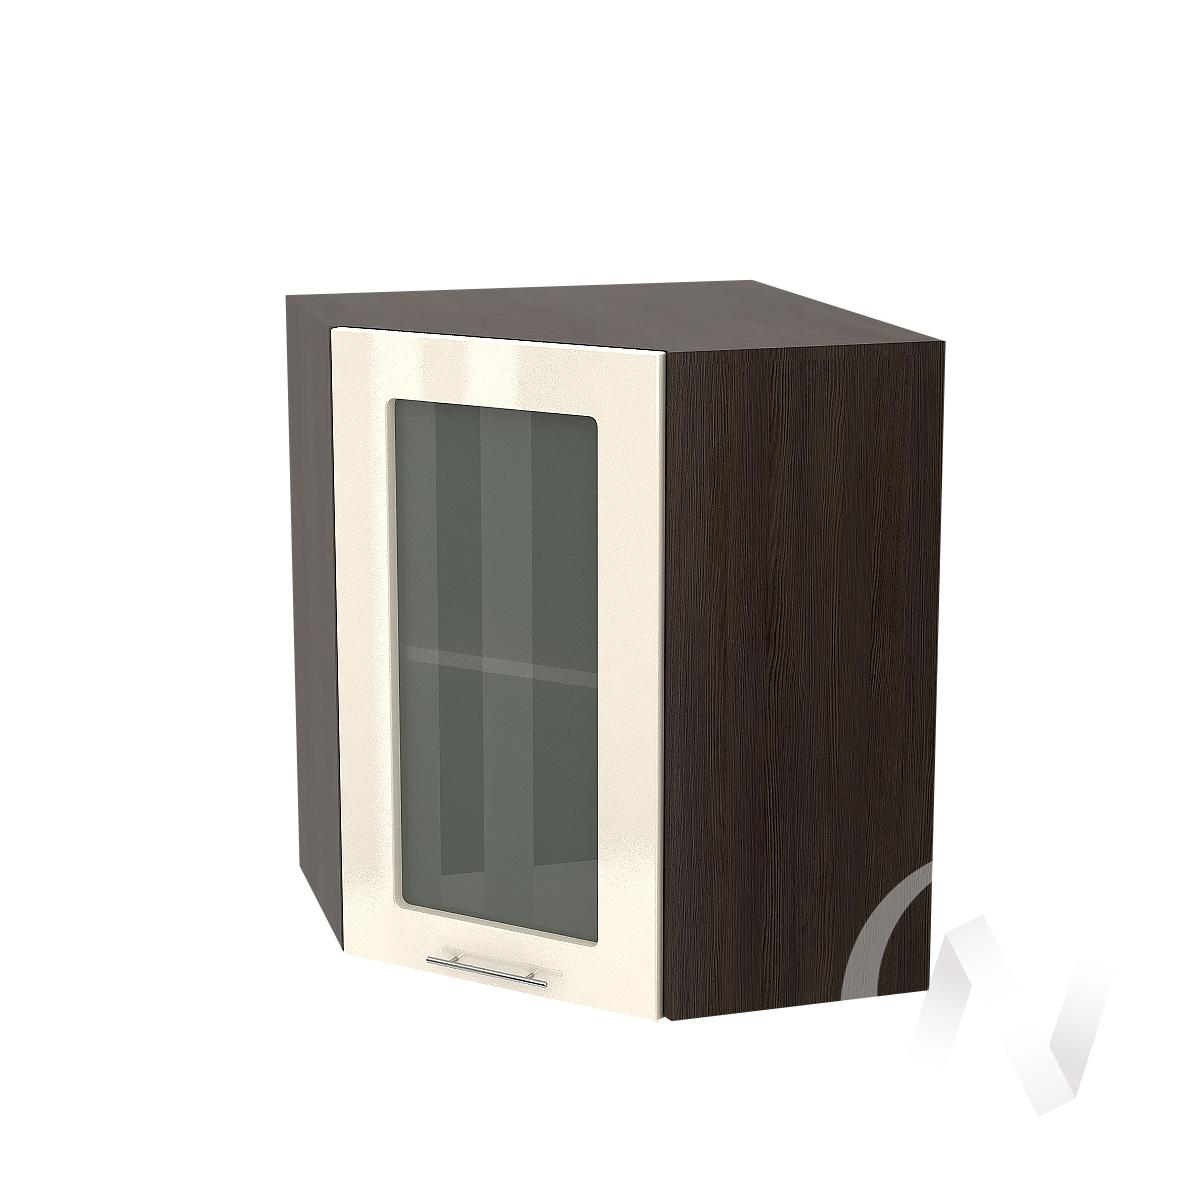 """Кухня """"Валерия-М"""": Шкаф верхний угловой со стеклом 590, ШВУС 590 (Ваниль глянец/корпус венге) УТ-0"""